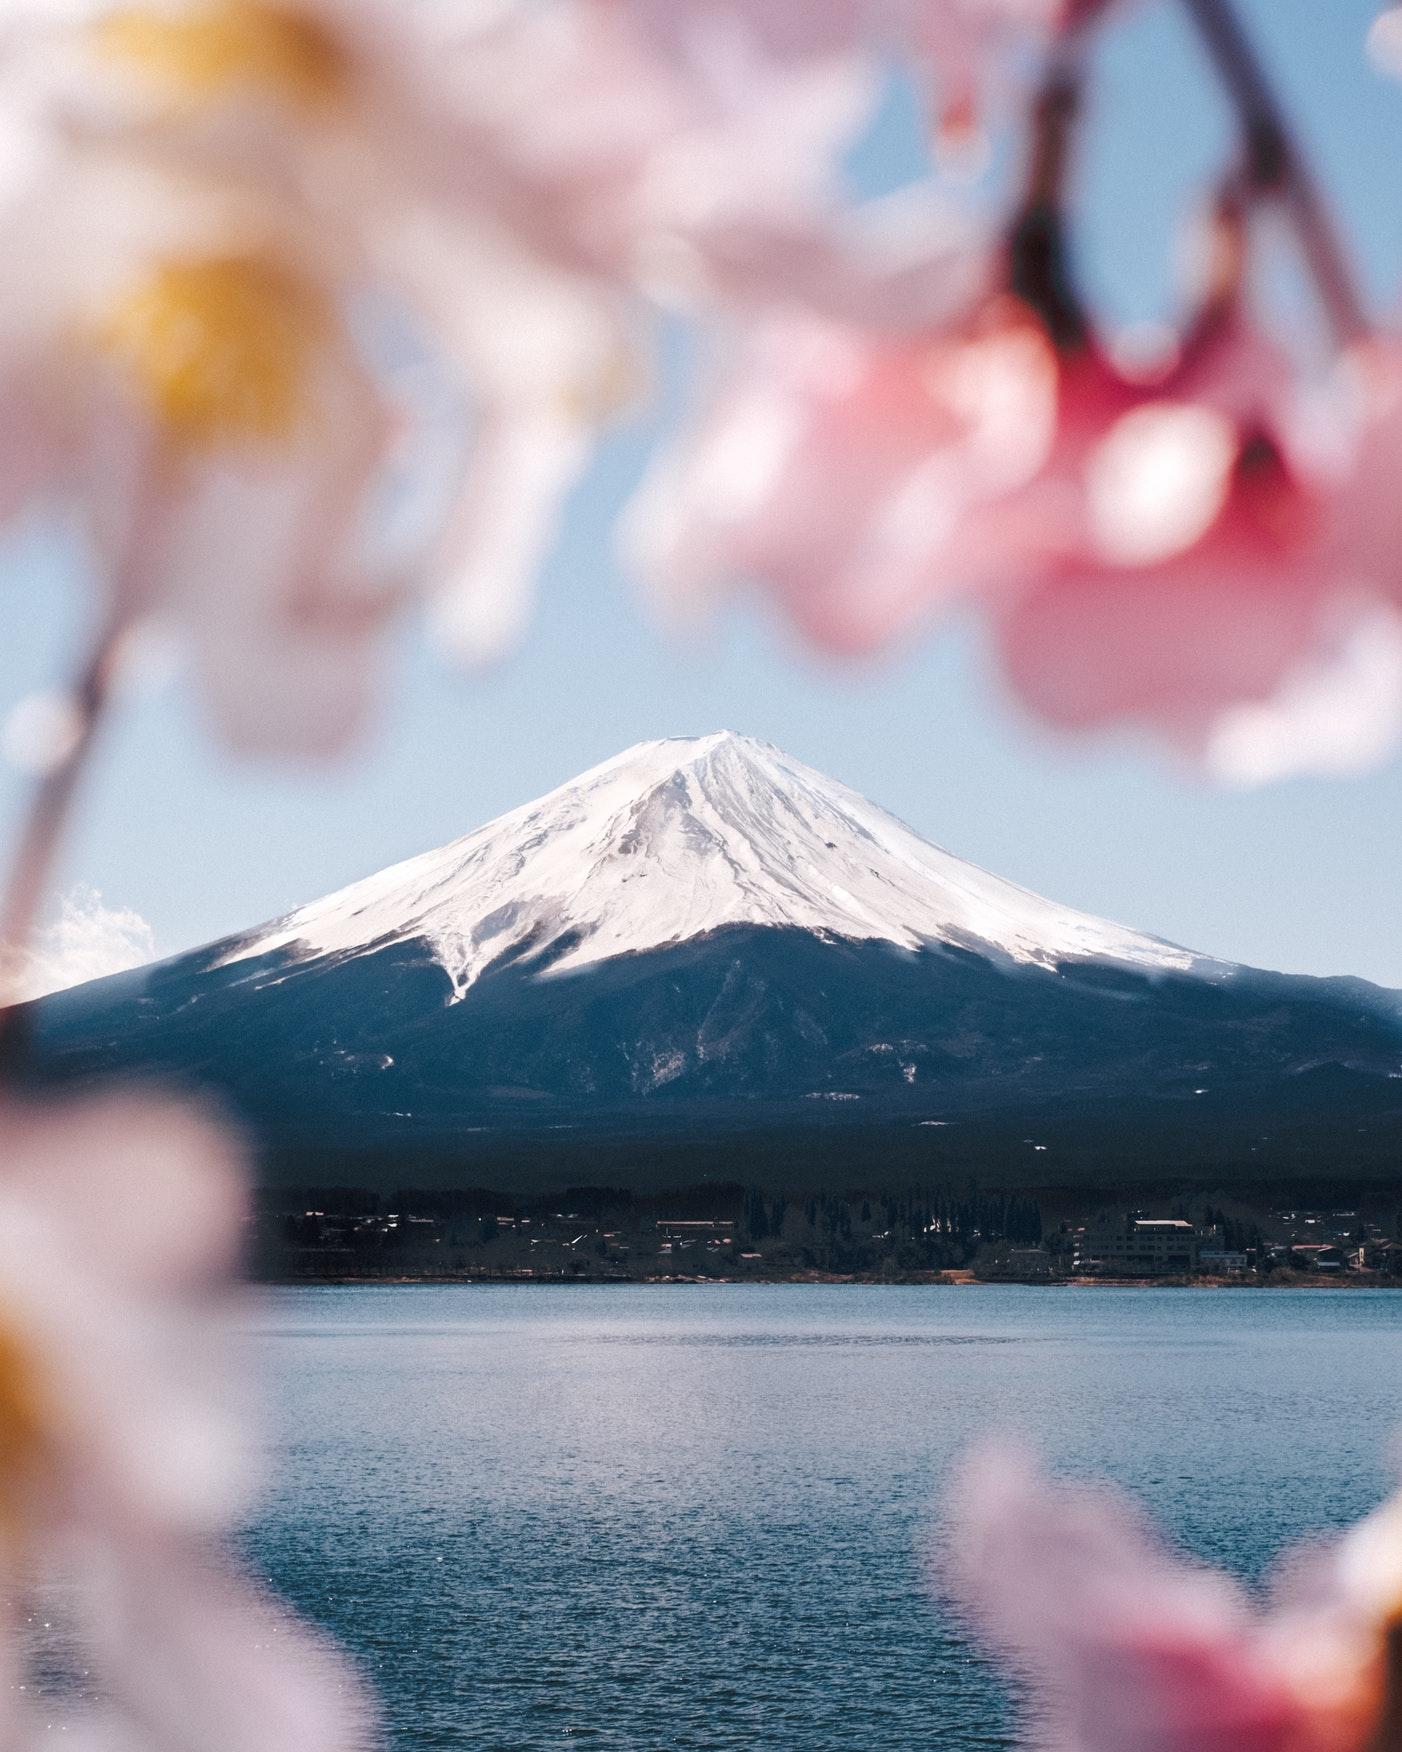 Фото Вид на гору Fuji, Japan / Фудзи, Япония, by Thanai Manasathit